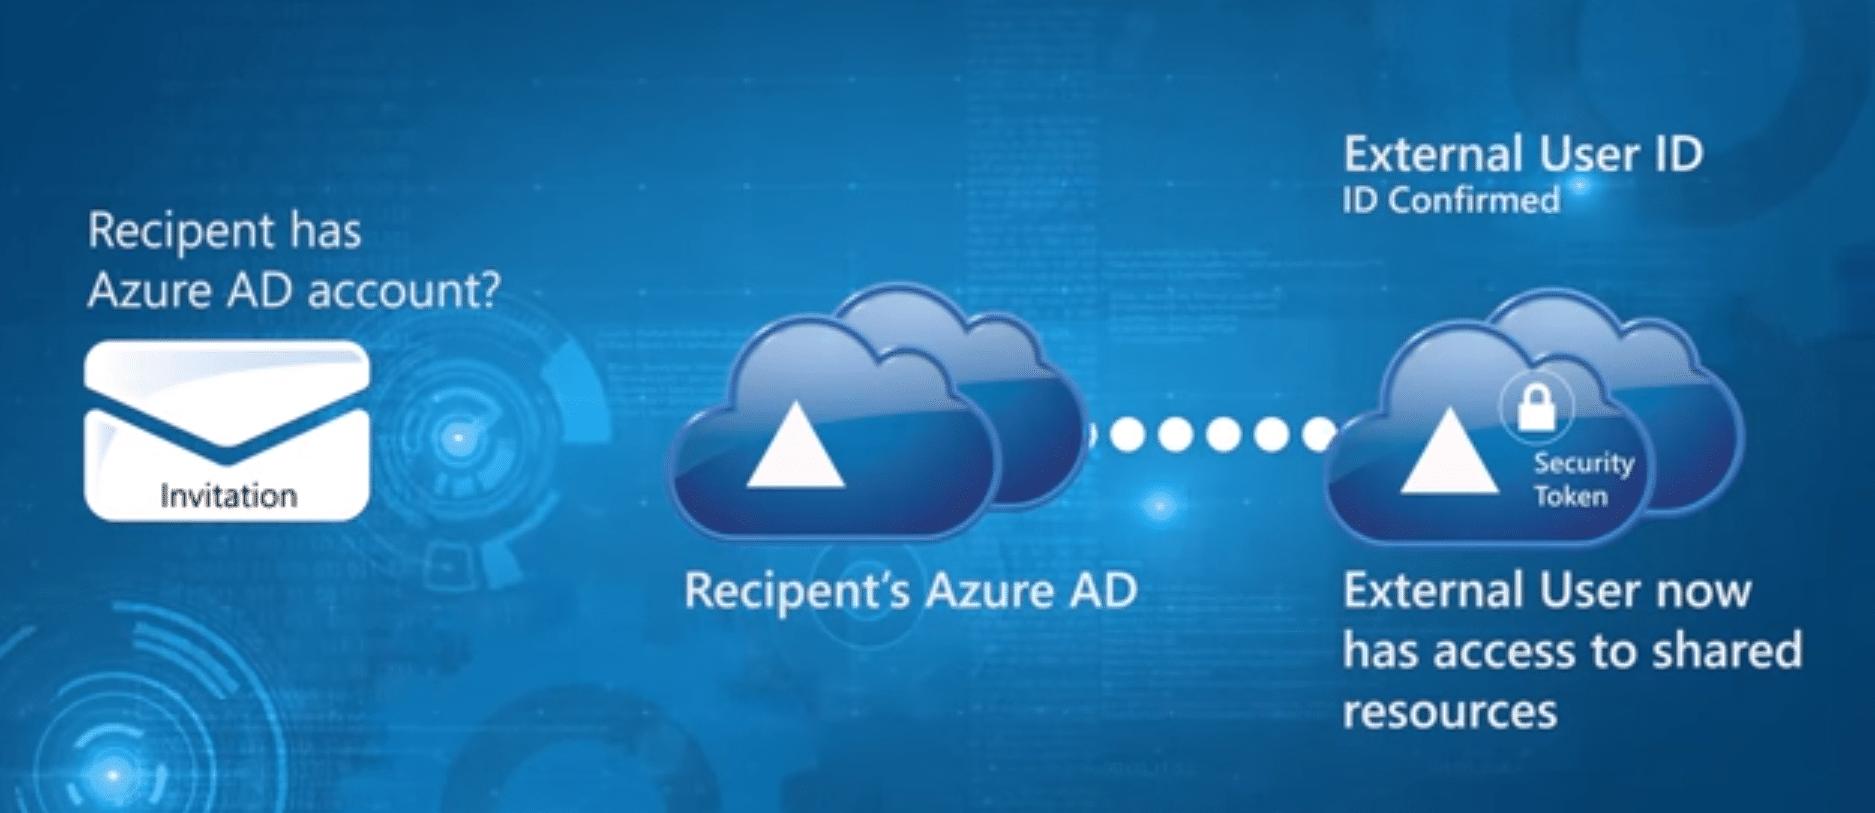 Si utilisateur ne possède pas de compte Azure AD pour vérification identité accès données entreprise